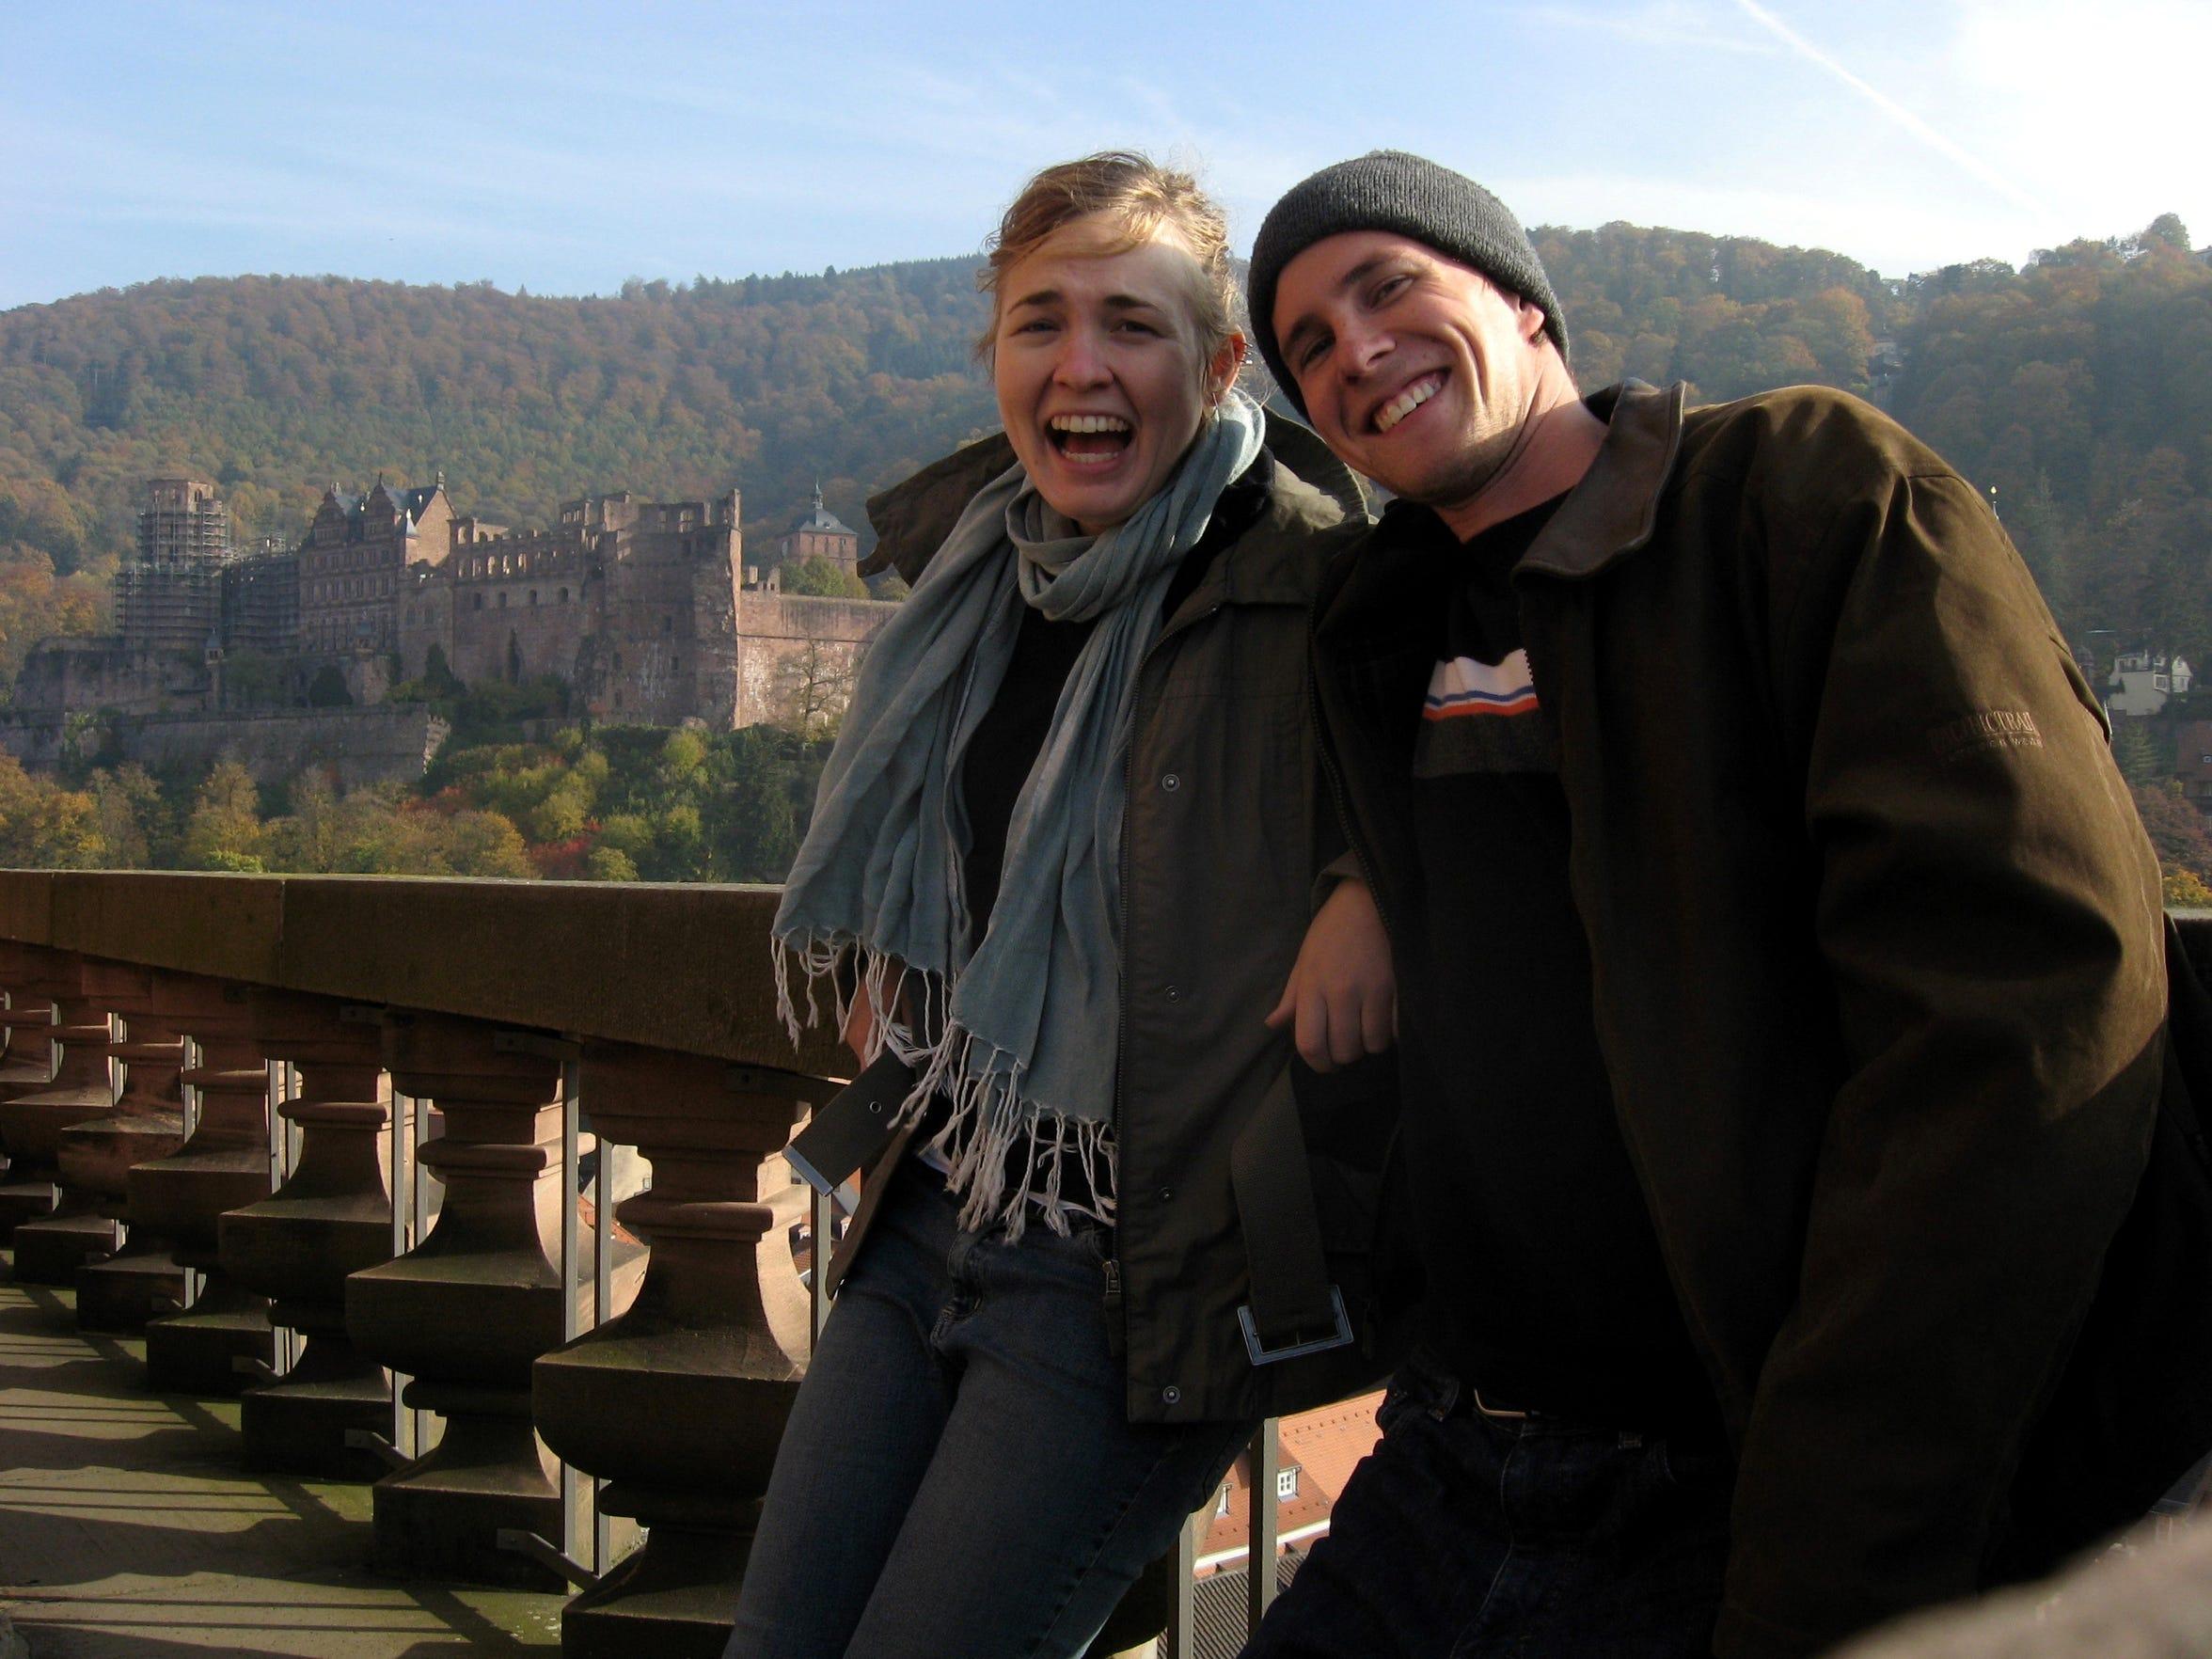 Nora Hertel and Ben Decker in Heidelberg, Germany,